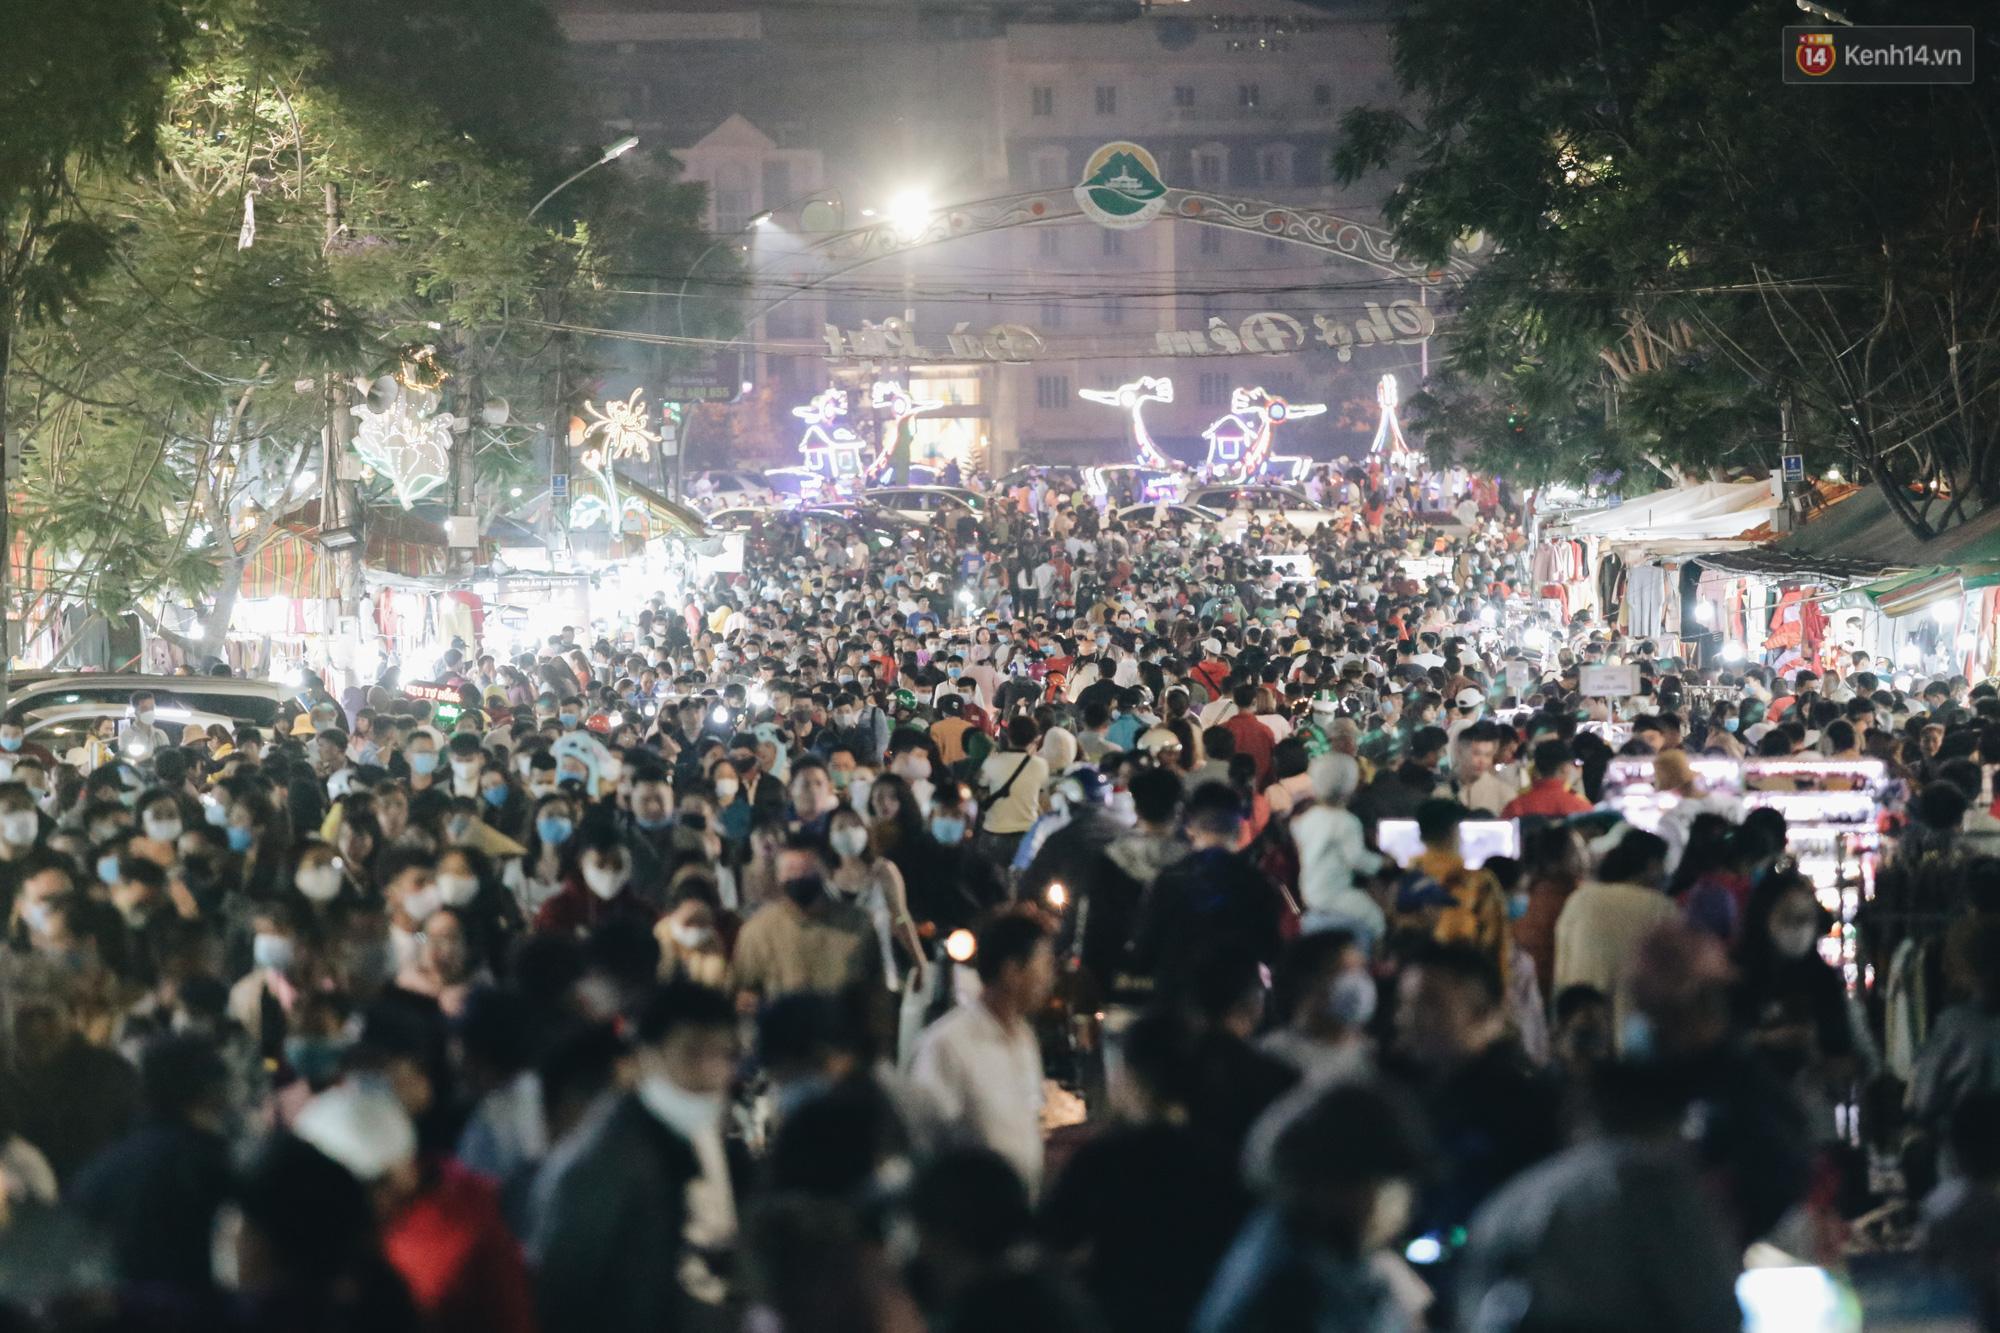 Chùm ảnh: Chợ đêm Đà Lạt không còn chỗ trống, khách du lịch ngồi la liệt từ trong ra ngoài để ăn uống dịp nghỉ lễ - Ảnh 3.